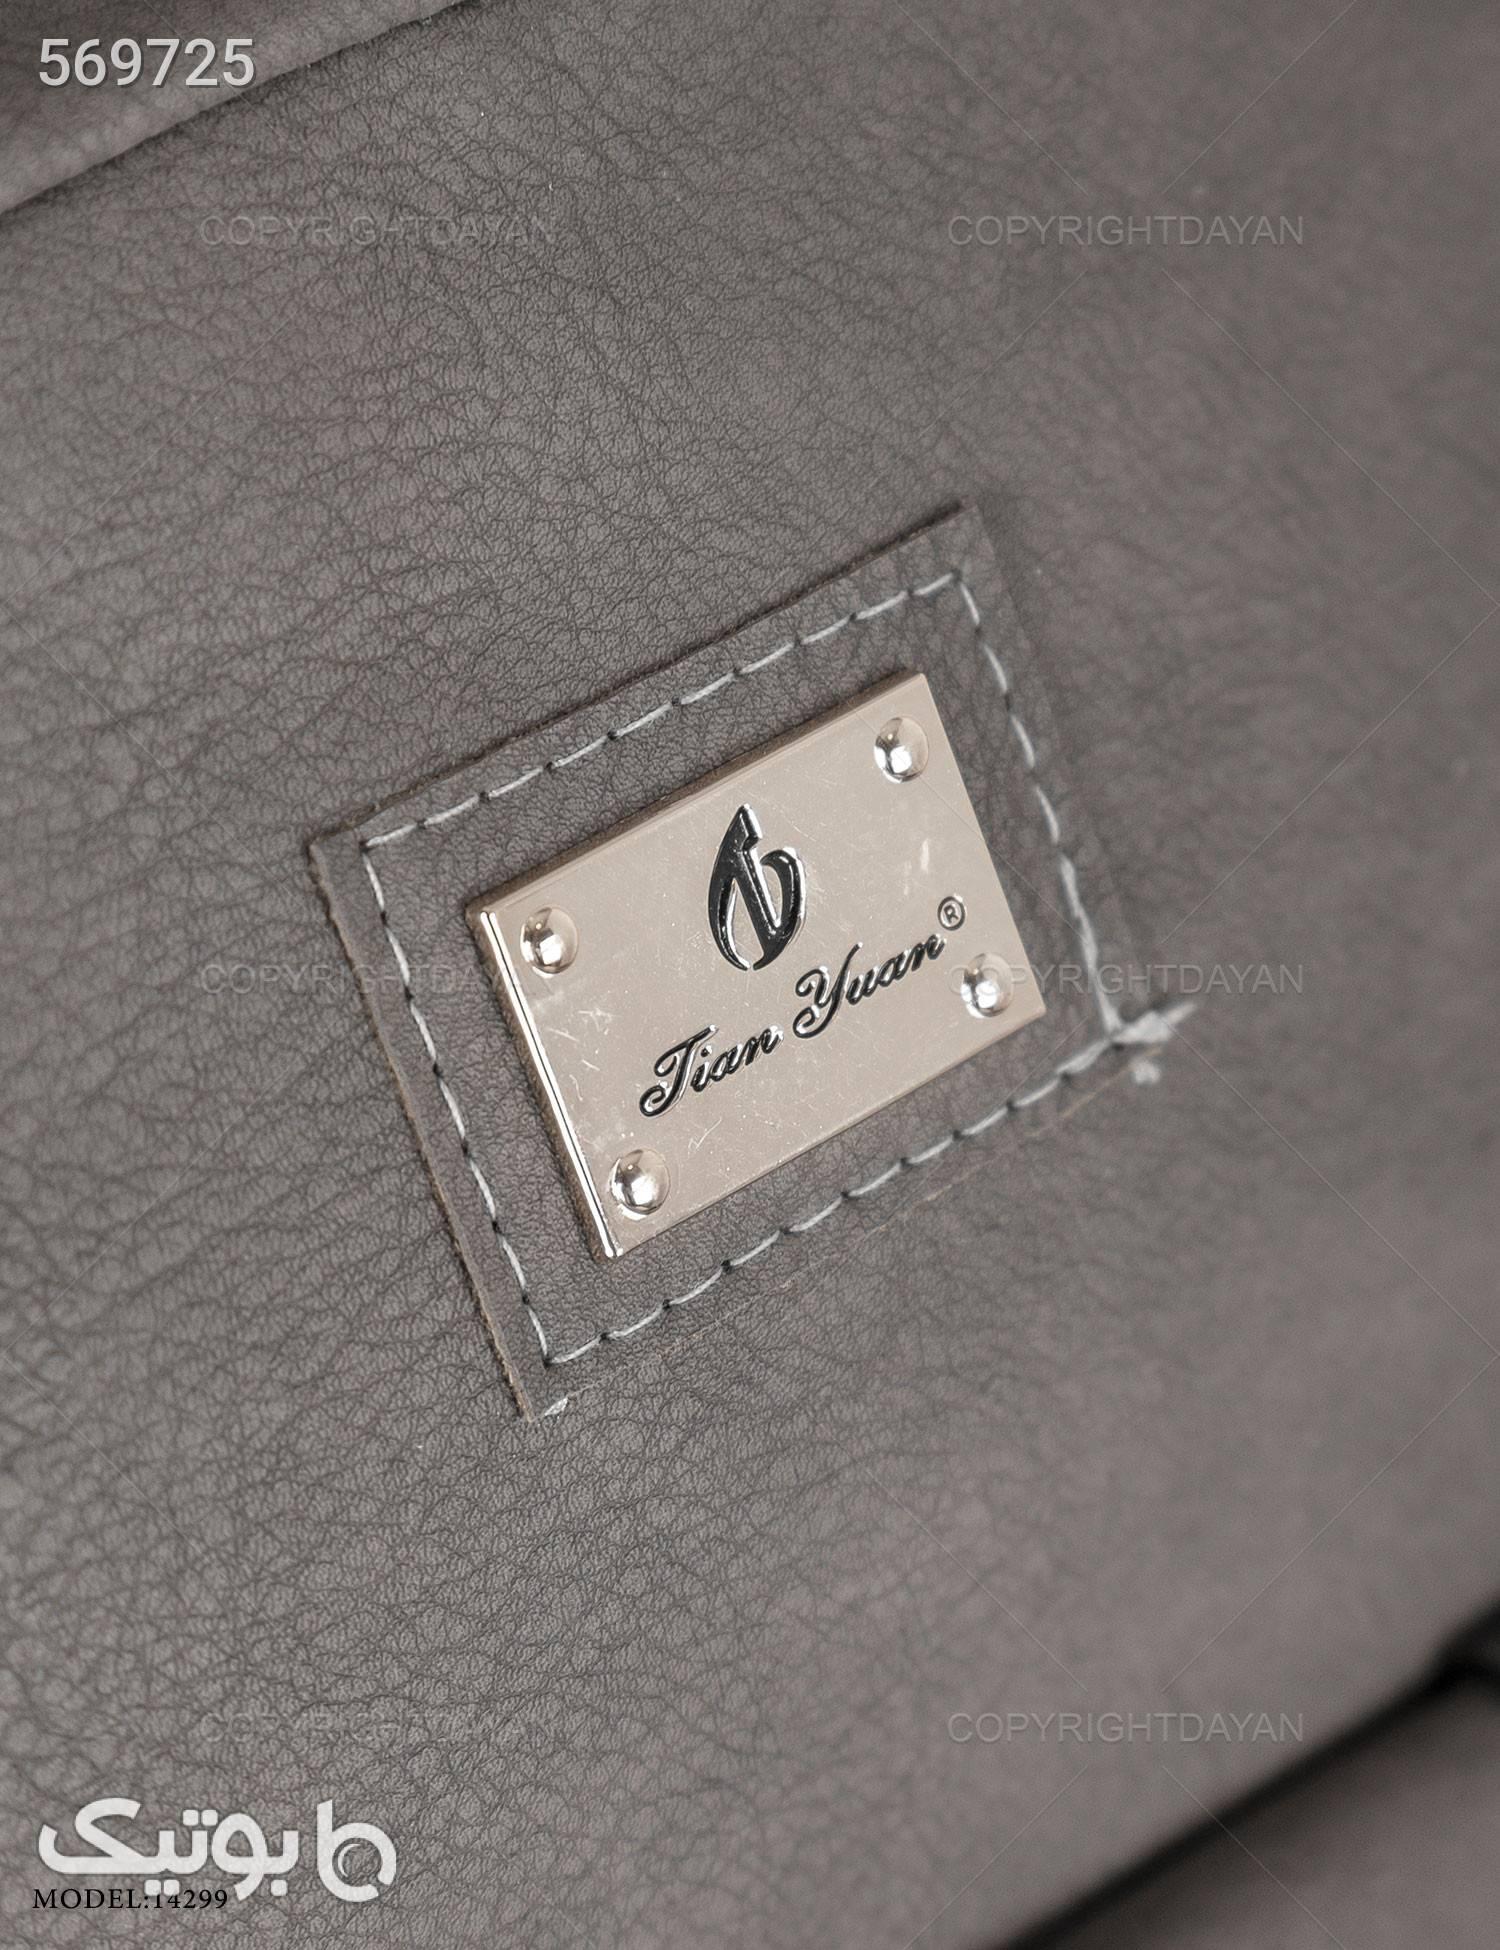 کیف Chanel  مدل 14299 طوسی کوله پشتی